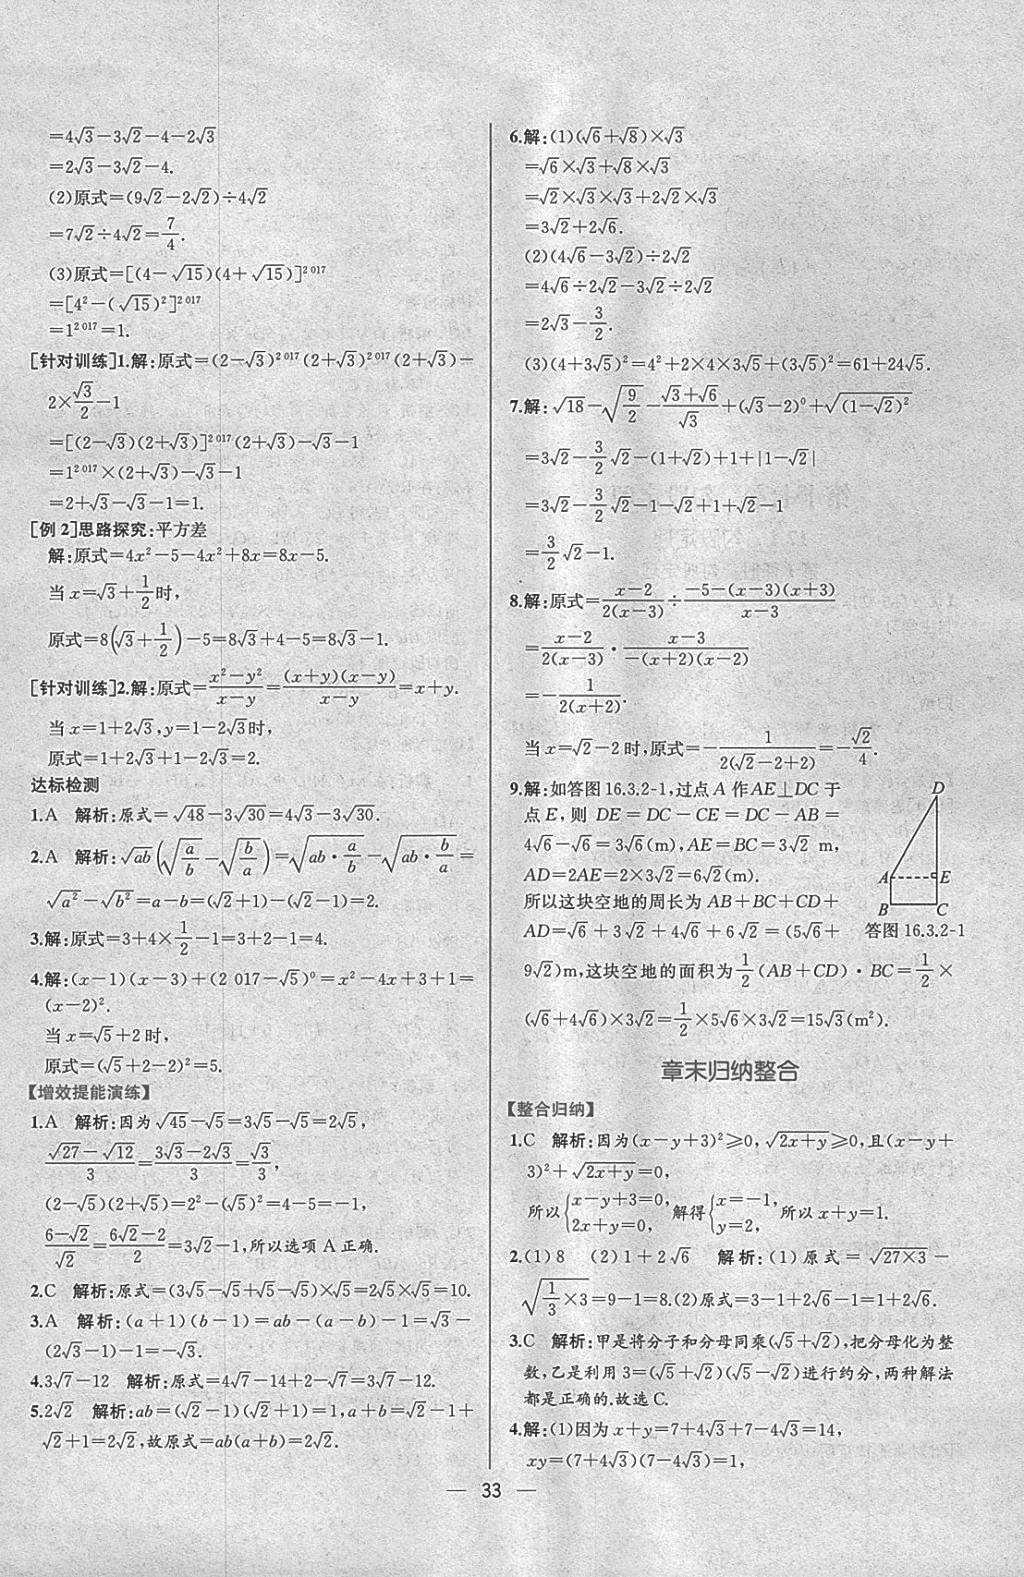 2018年同步导学案课时练八年级数学下册人教版参考答案第5页